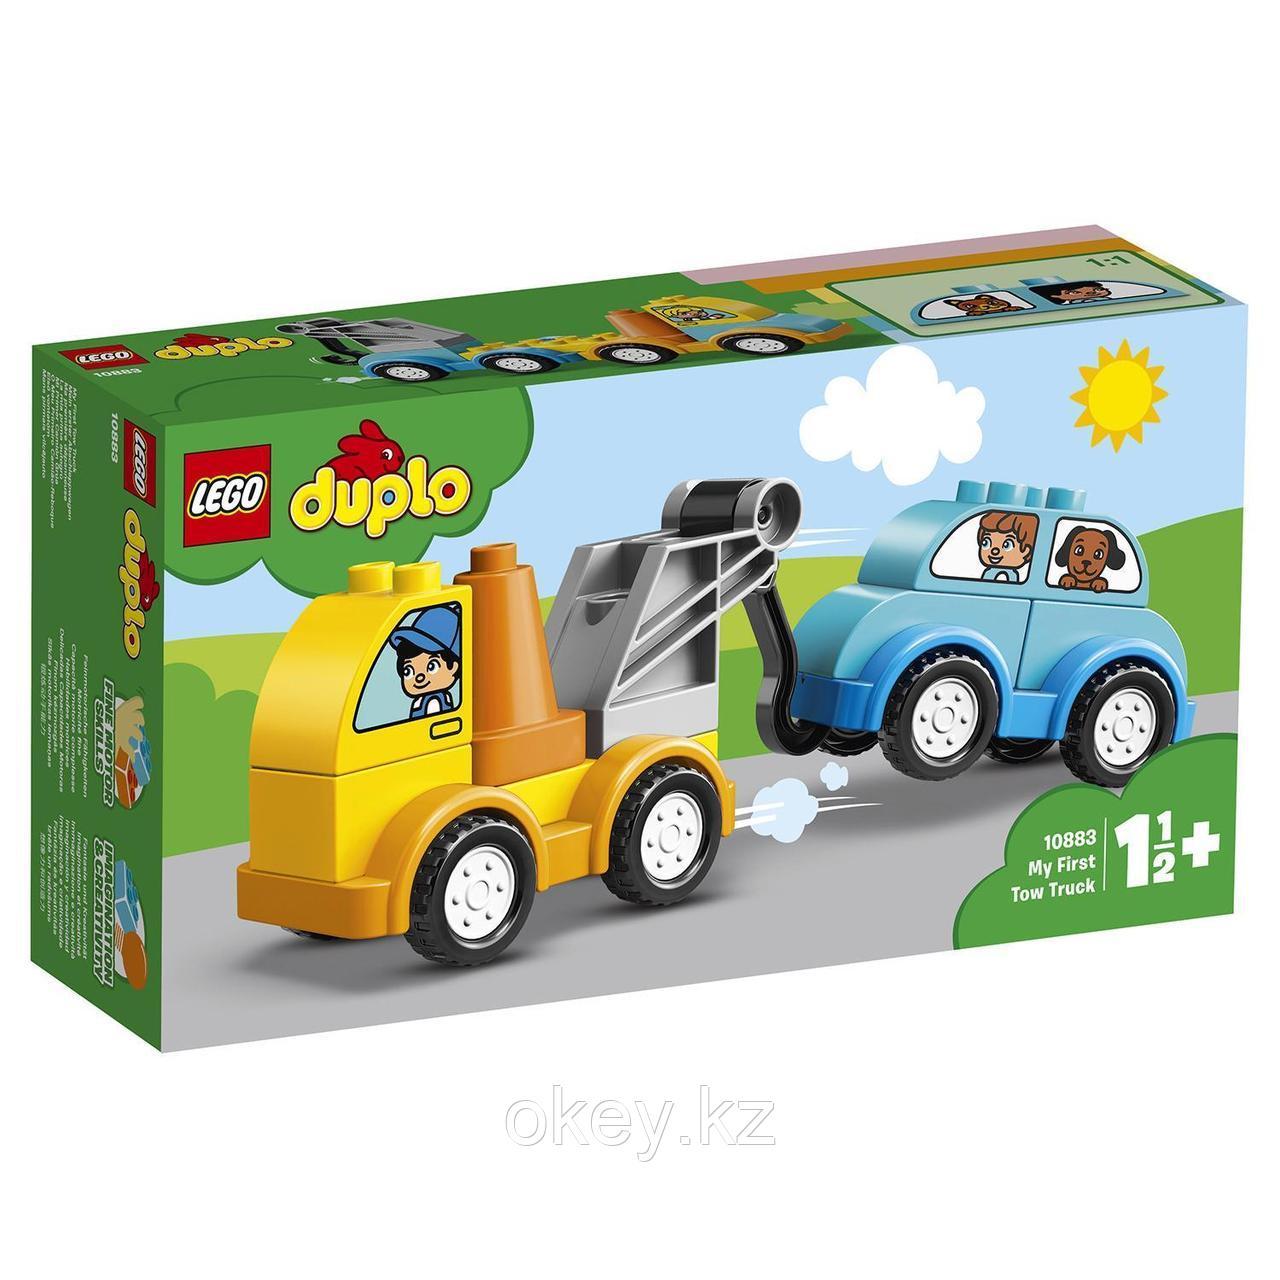 LEGO Duplo: Мой первый эвакуатор 10883